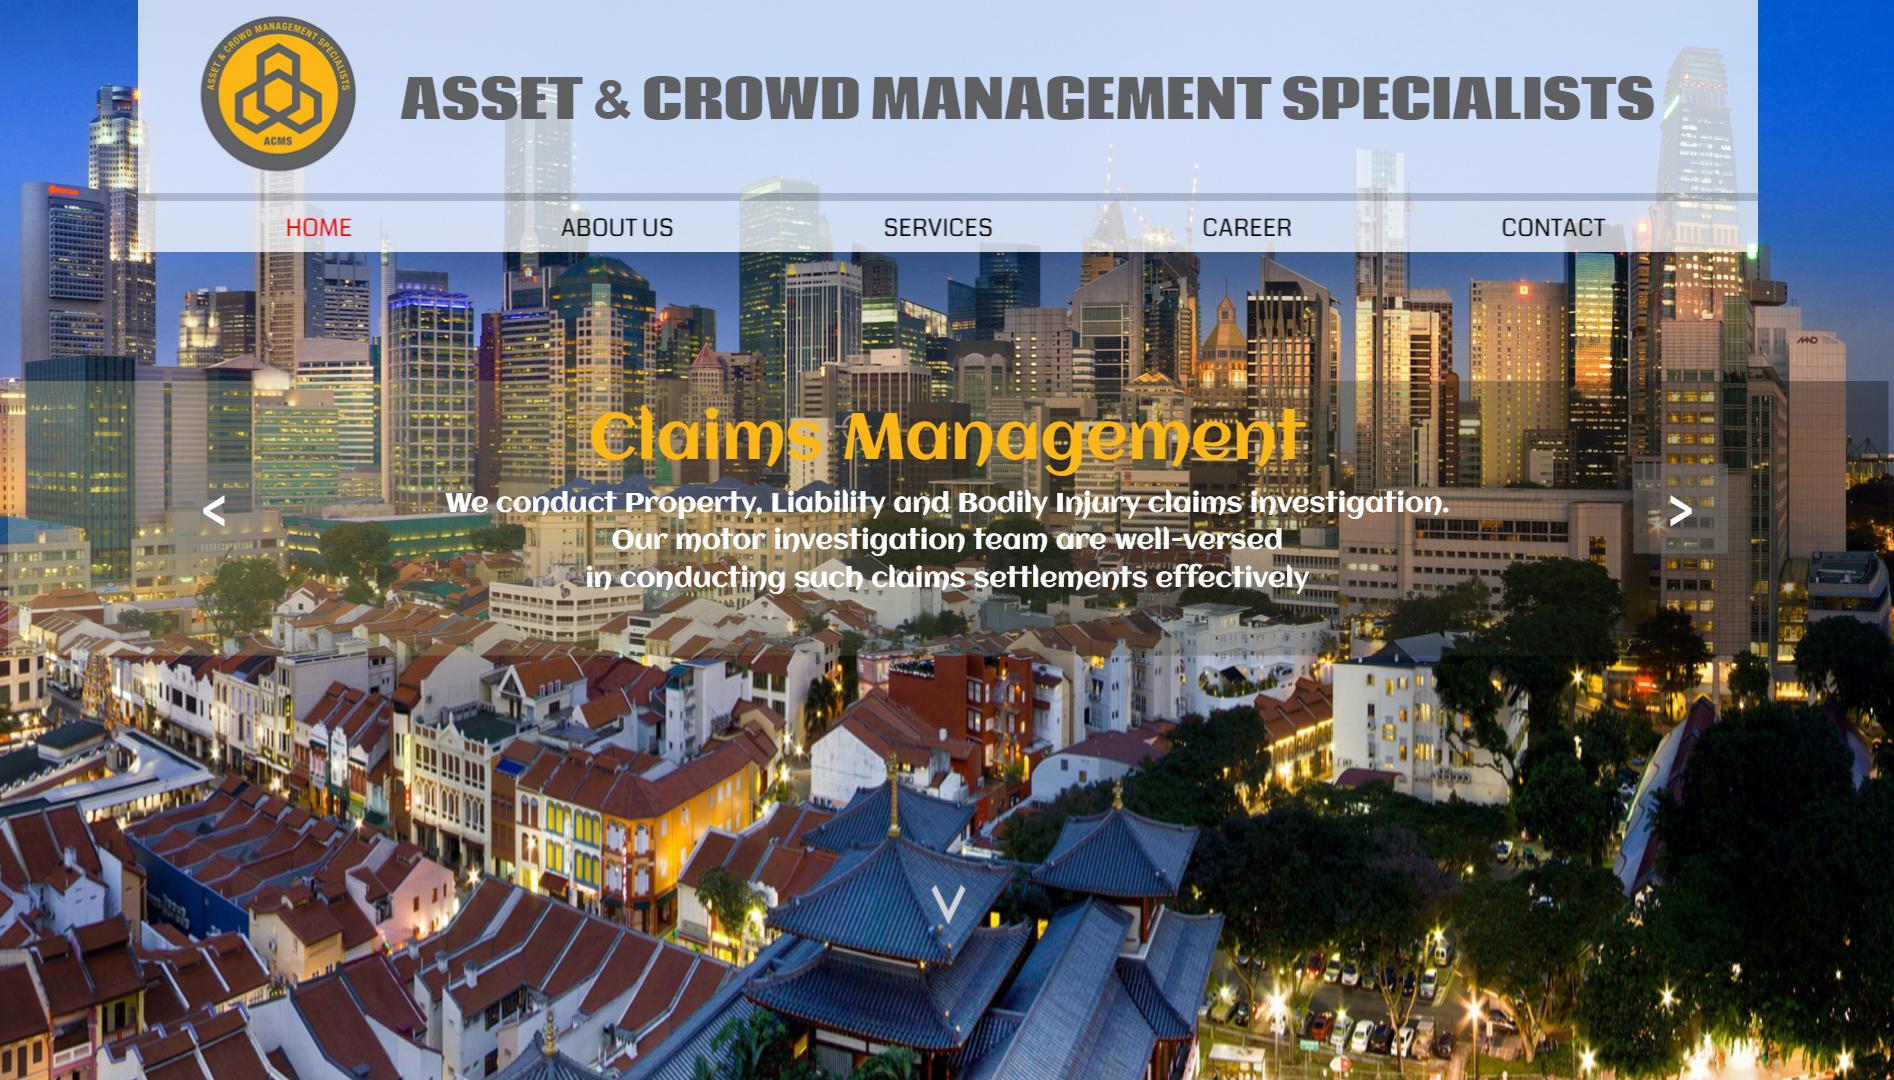 Asset & Crowd Management Specialists